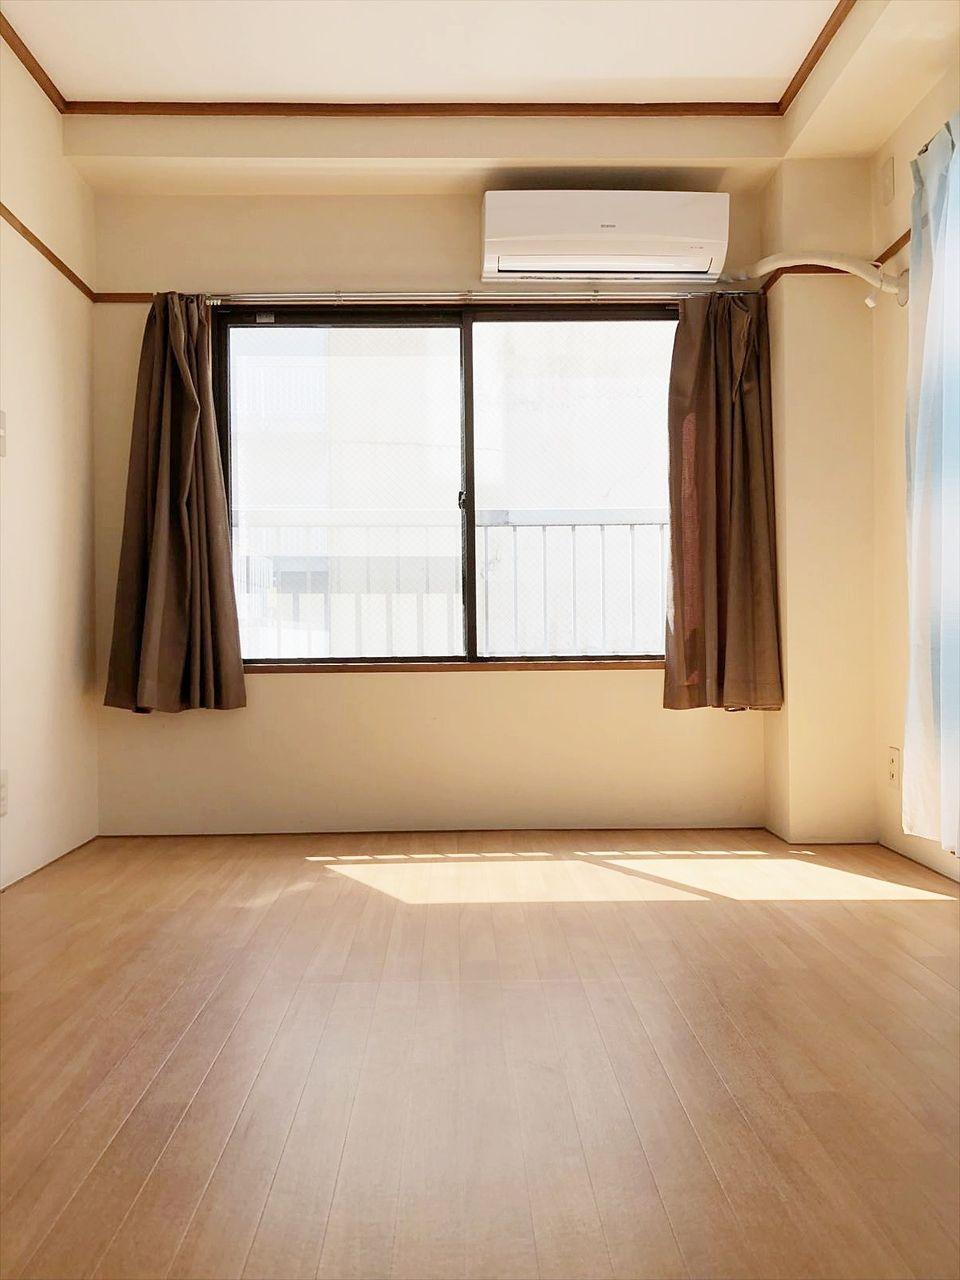 池袋の賃貸マンション クレインヴィレッジ301号室 近くにセブンイレブン・まいばすけっとがあり買い物便利な物件です。和室を洋室にリフォームした綺麗なお部屋でおススメです